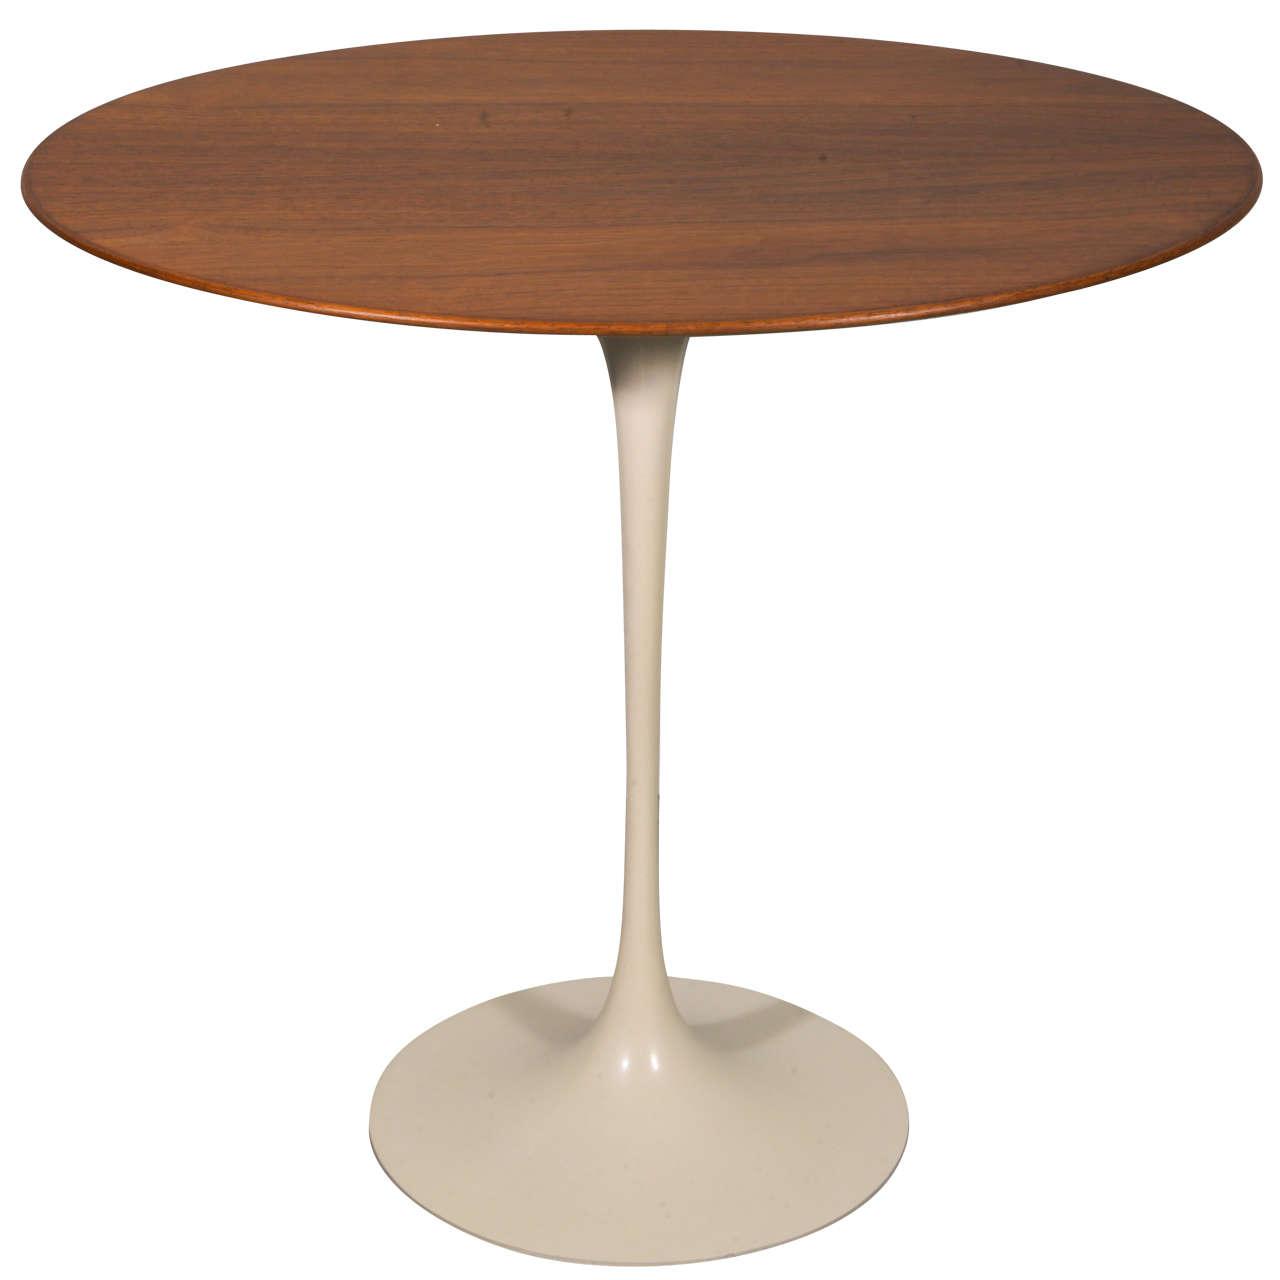 vintage eero saarinen oval rosewood tulip table for knoll at 1stdibs. Black Bedroom Furniture Sets. Home Design Ideas